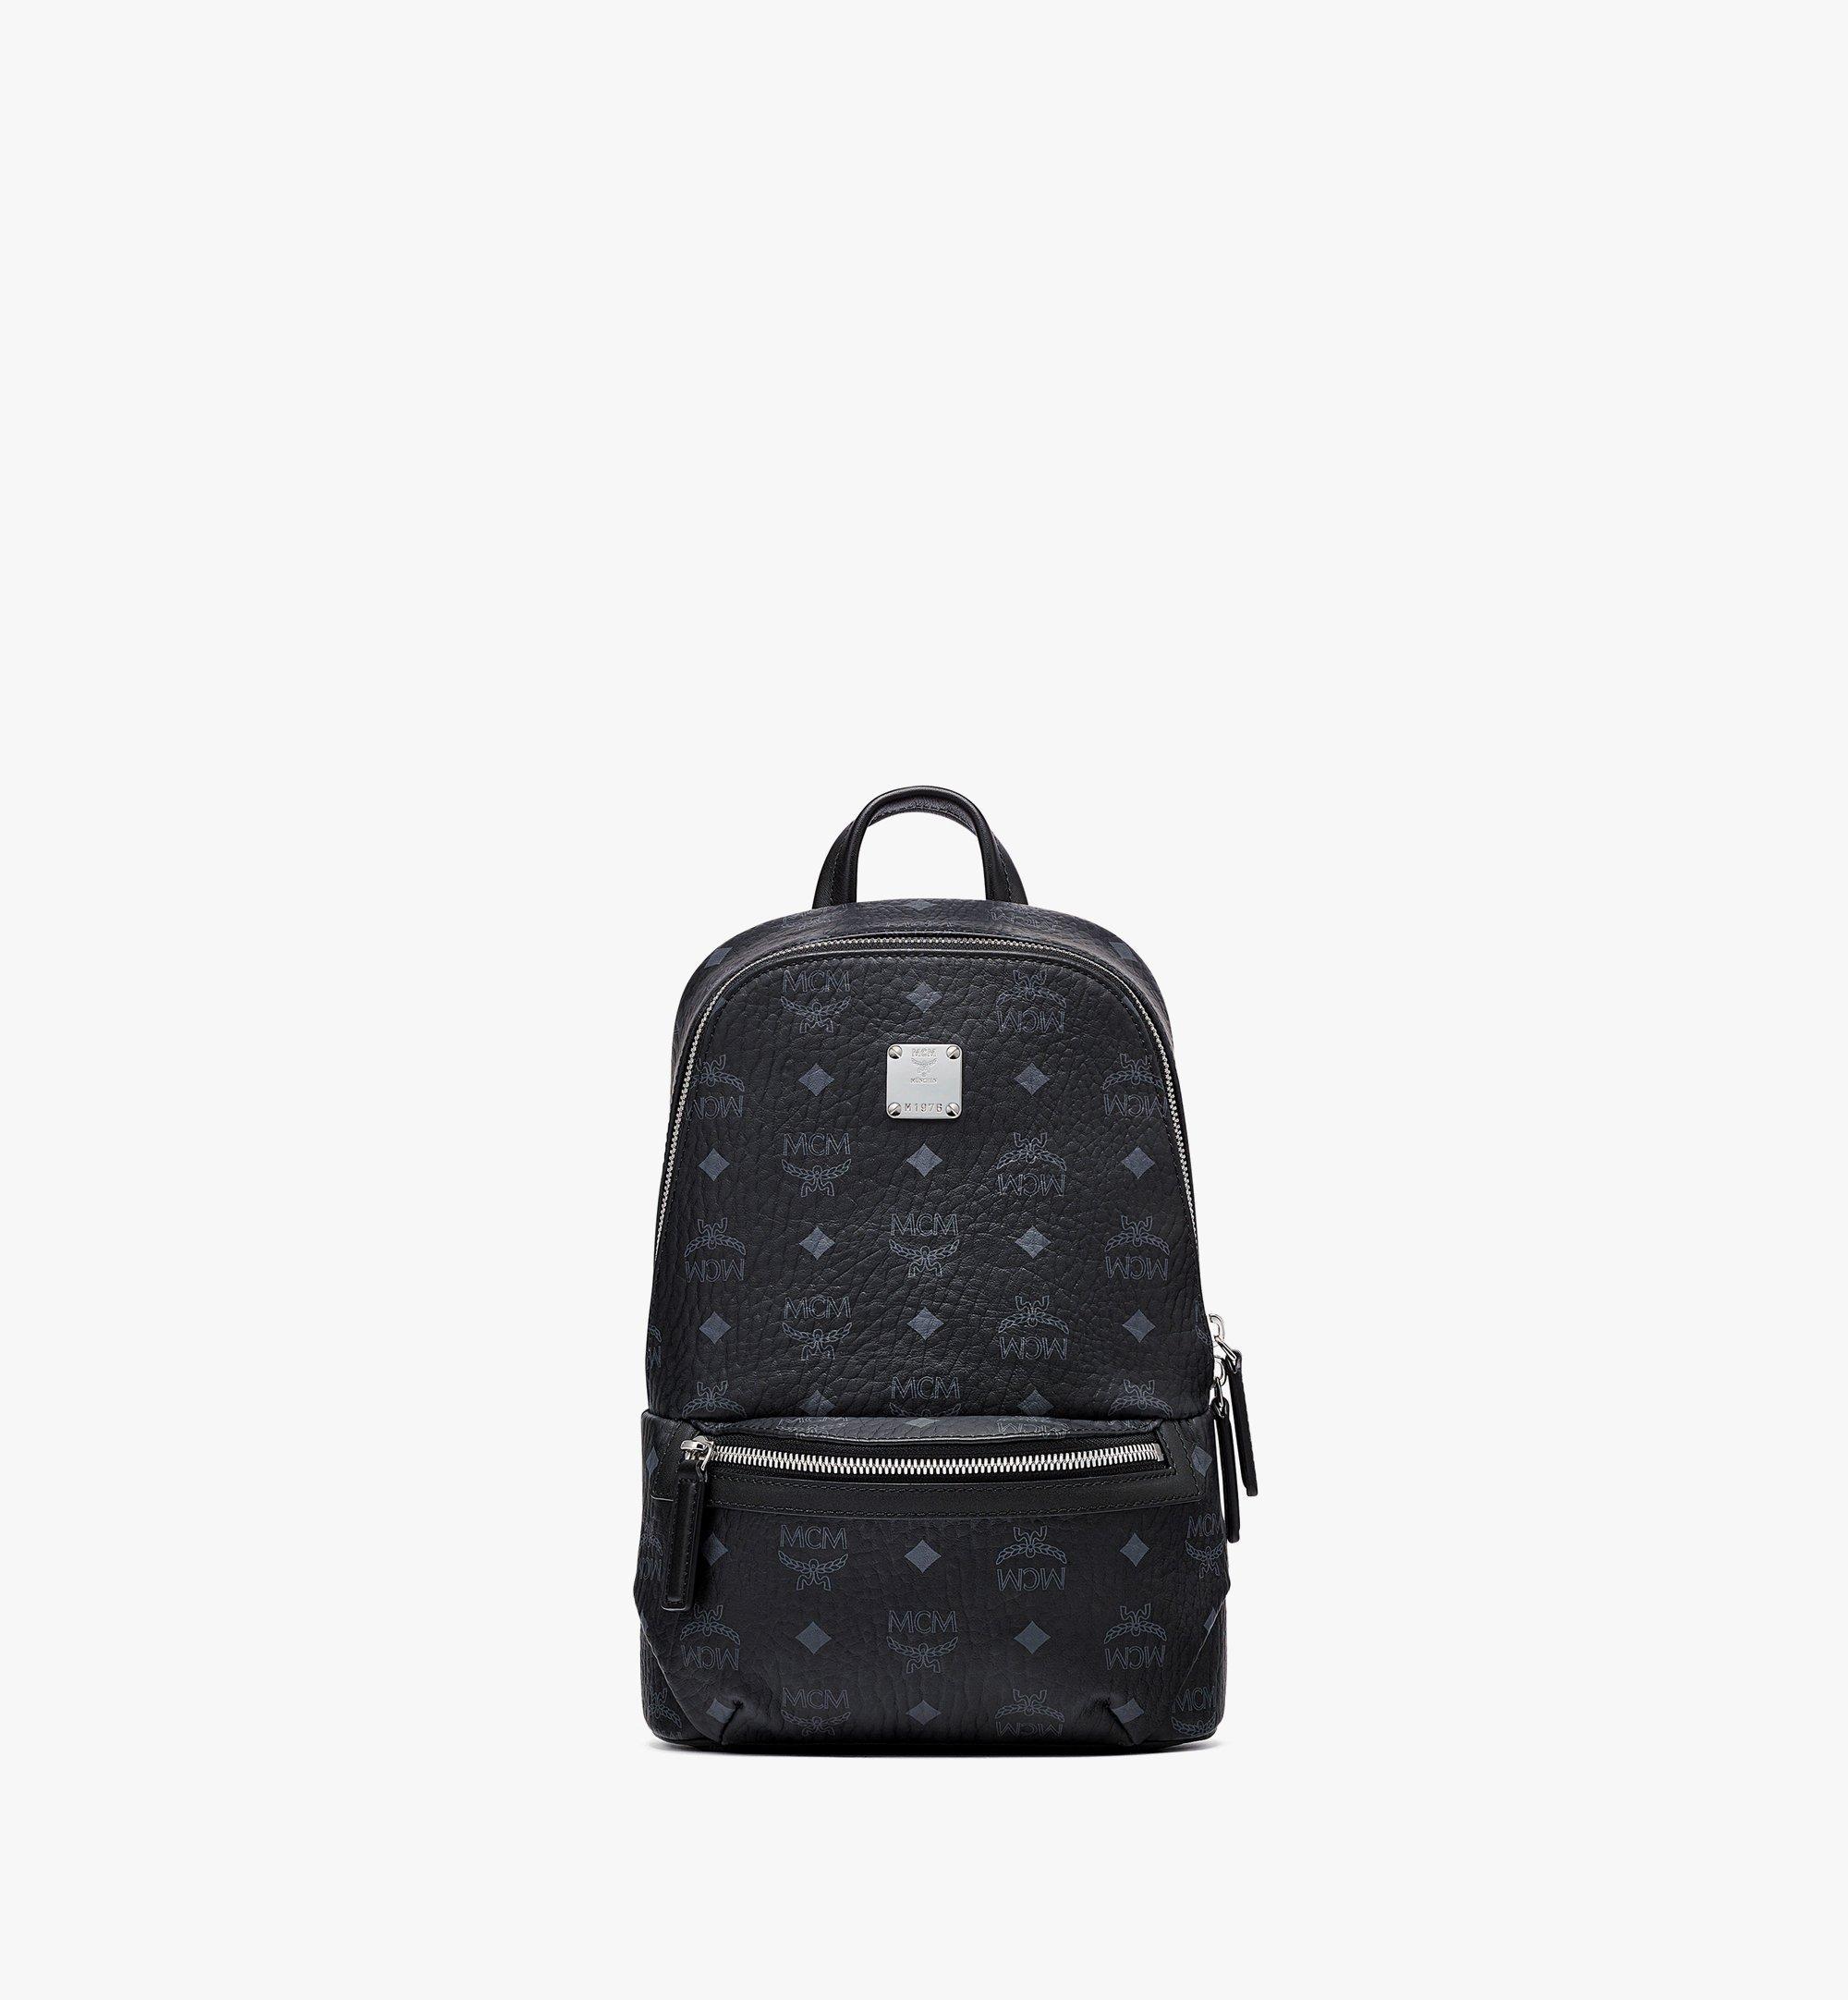 MCM Klassik Sling Bag in Visetos Black MMLBSKC01BK001 Alternate View 1